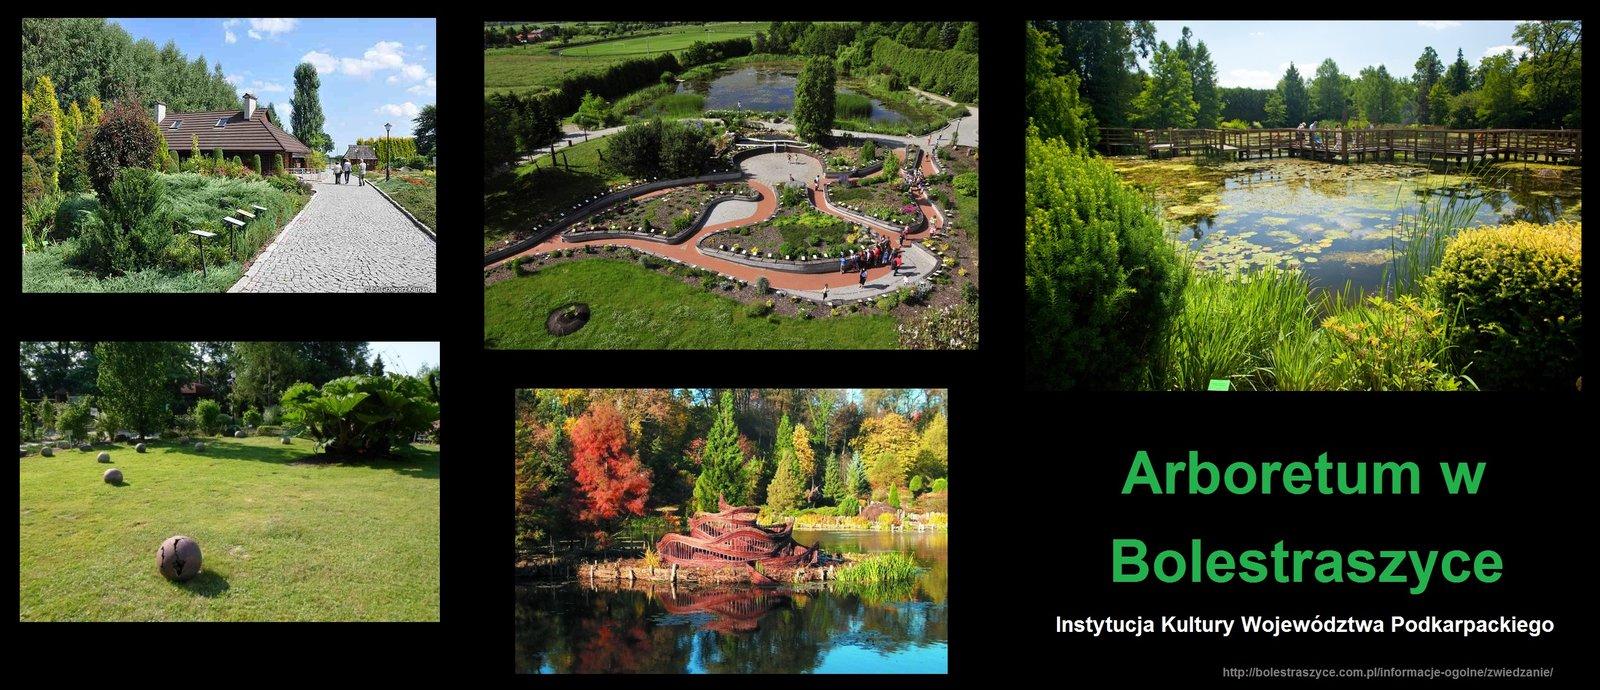 arboretum_.jpg